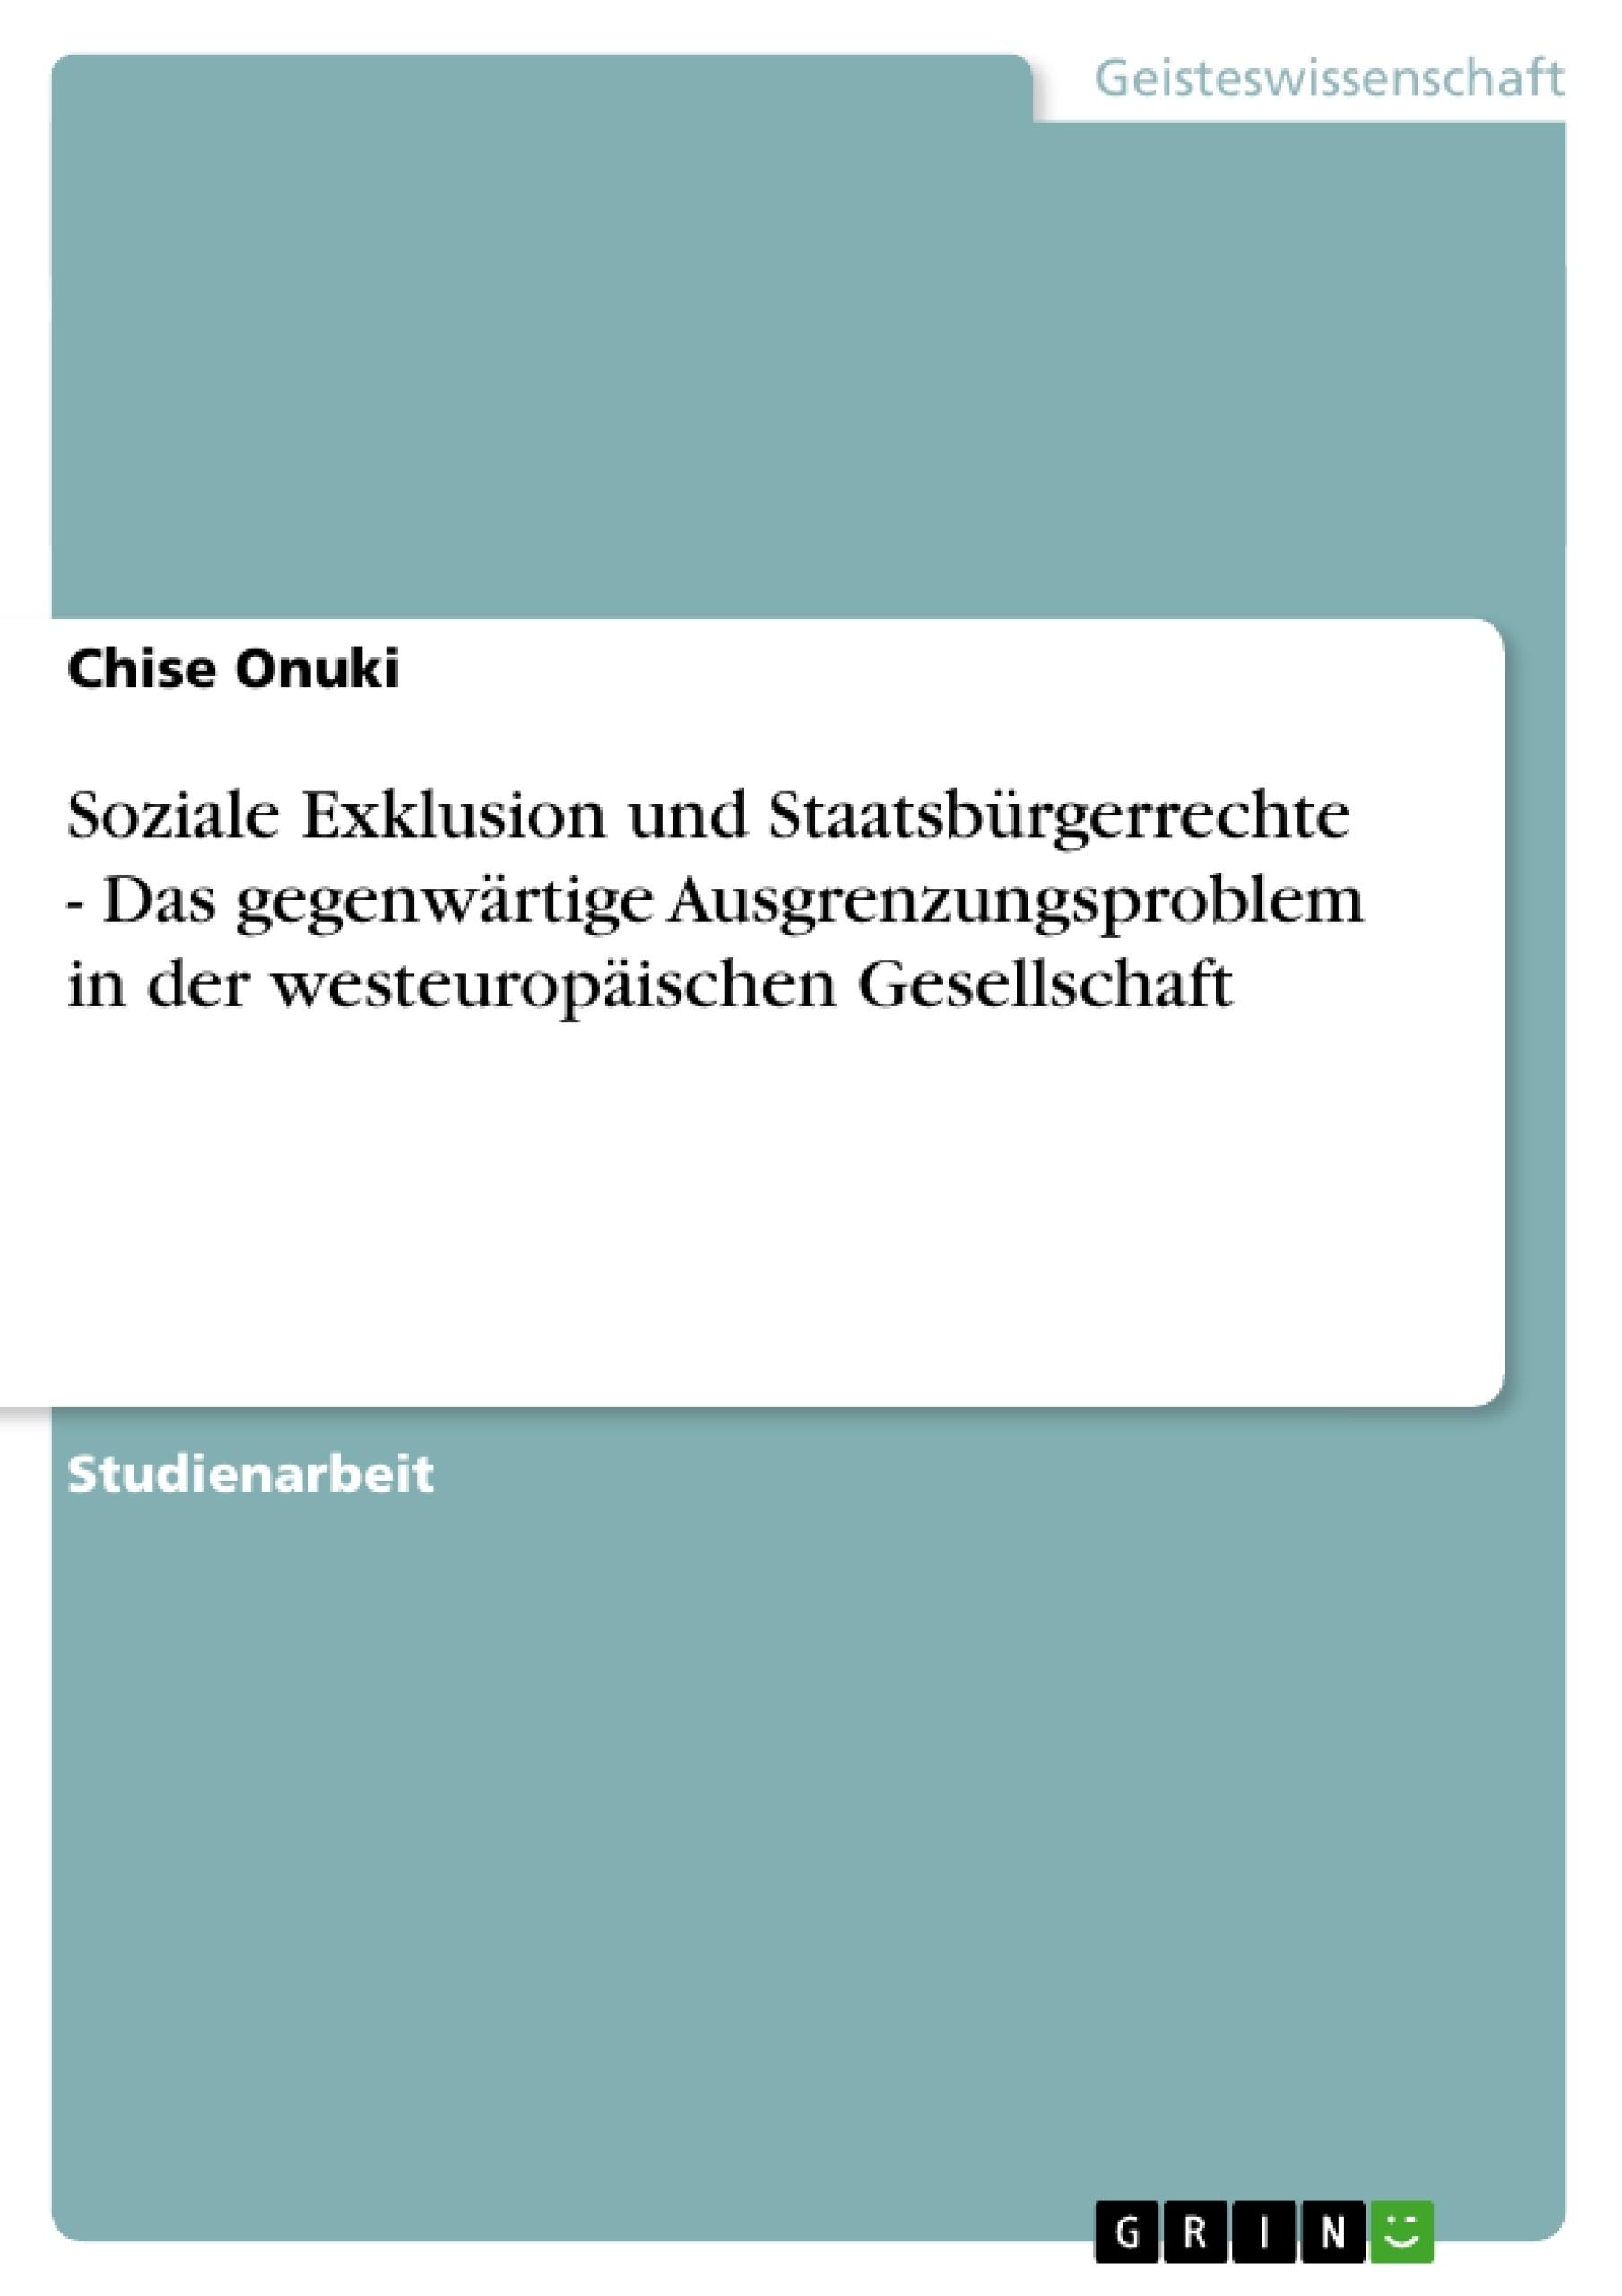 Titel: Soziale Exklusion und Staatsbürgerrechte - Das gegenwärtige Ausgrenzungsproblem in der westeuropäischen Gesellschaft